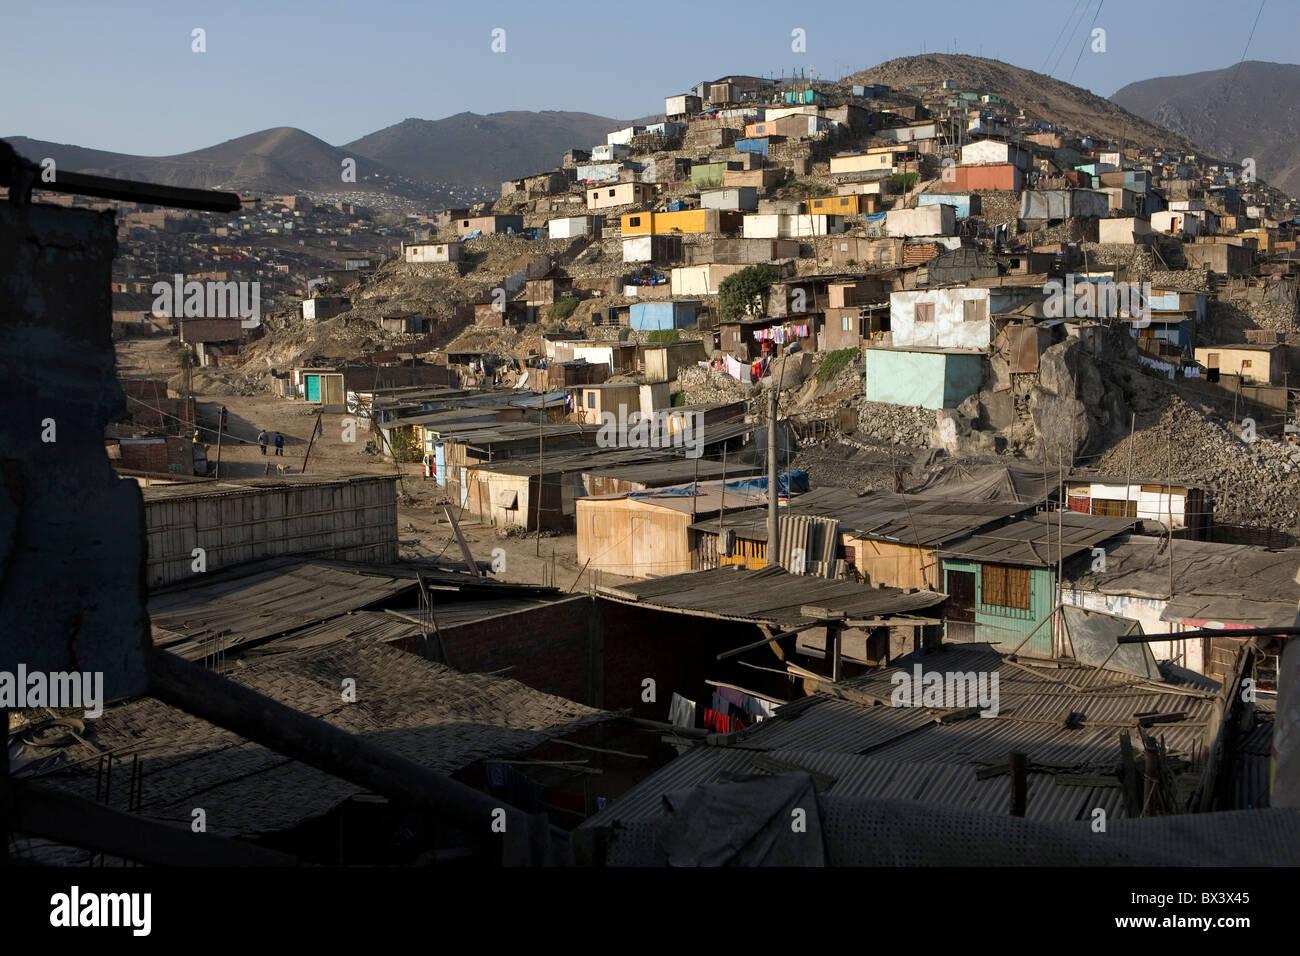 Barrio de chabolas en una colina - San Juan de Miraflores, Lima, Perú. Foto de stock